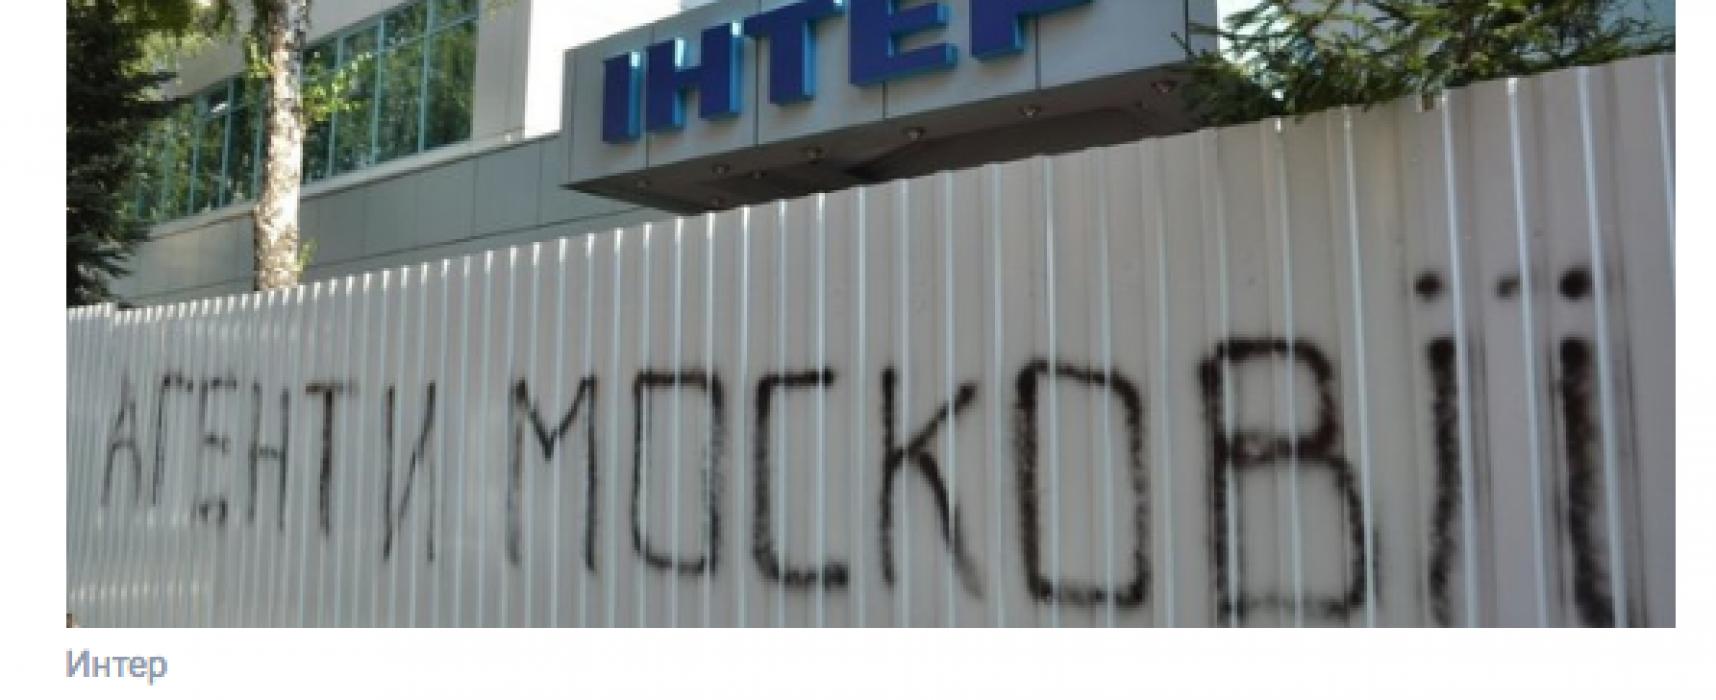 Fake: Ukraine zerstört INTER, den führenden Fernsehkanal der Ukraine